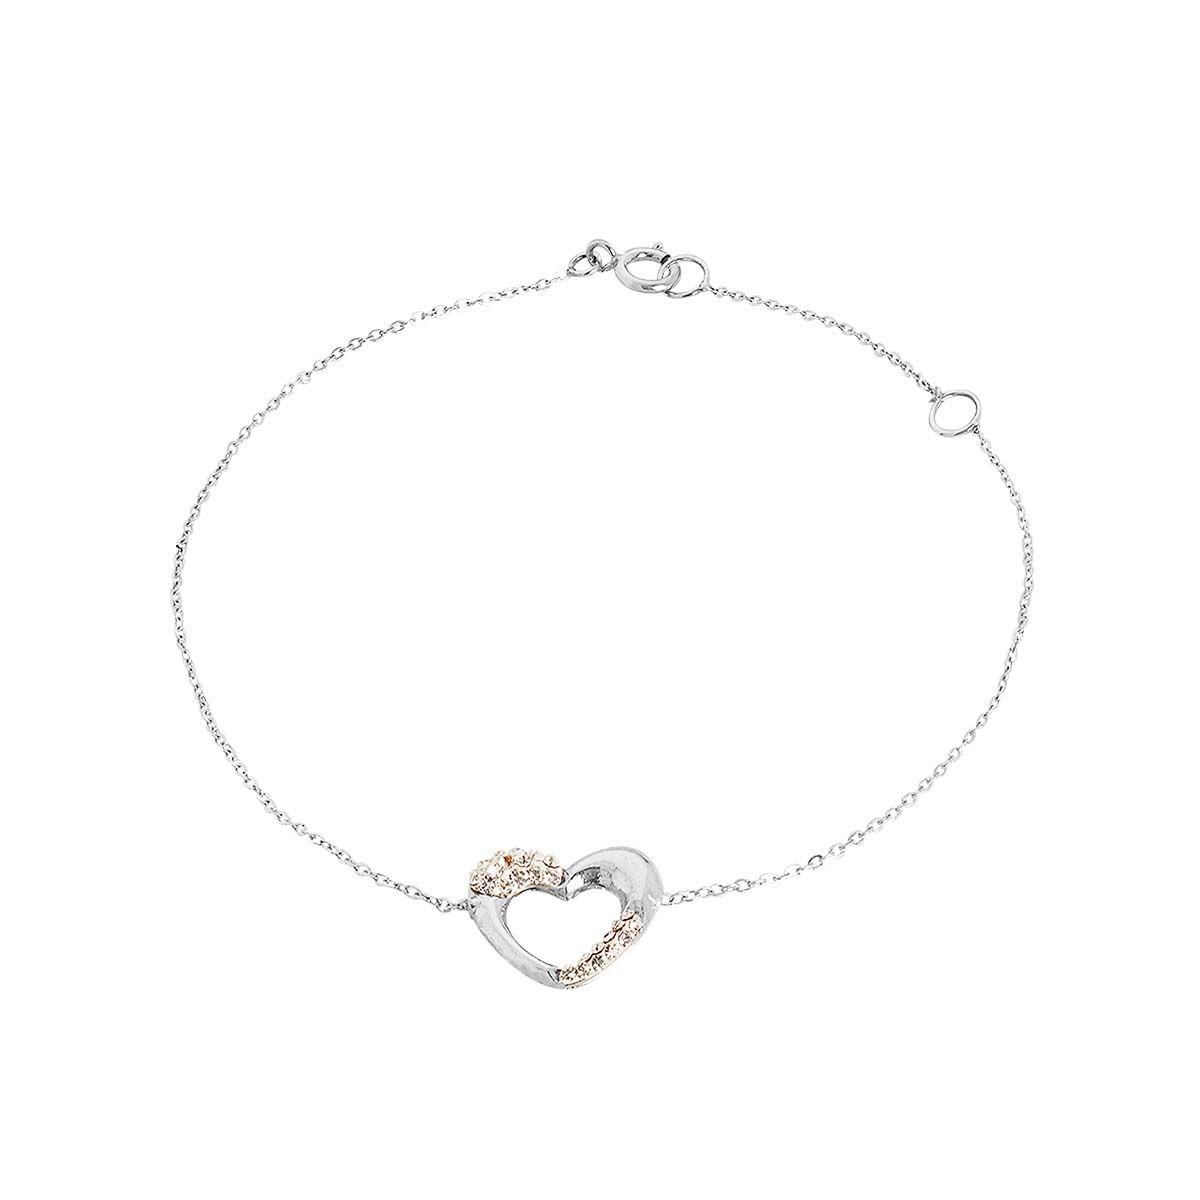 Bracelet en Or 375/1000 et Oxyde